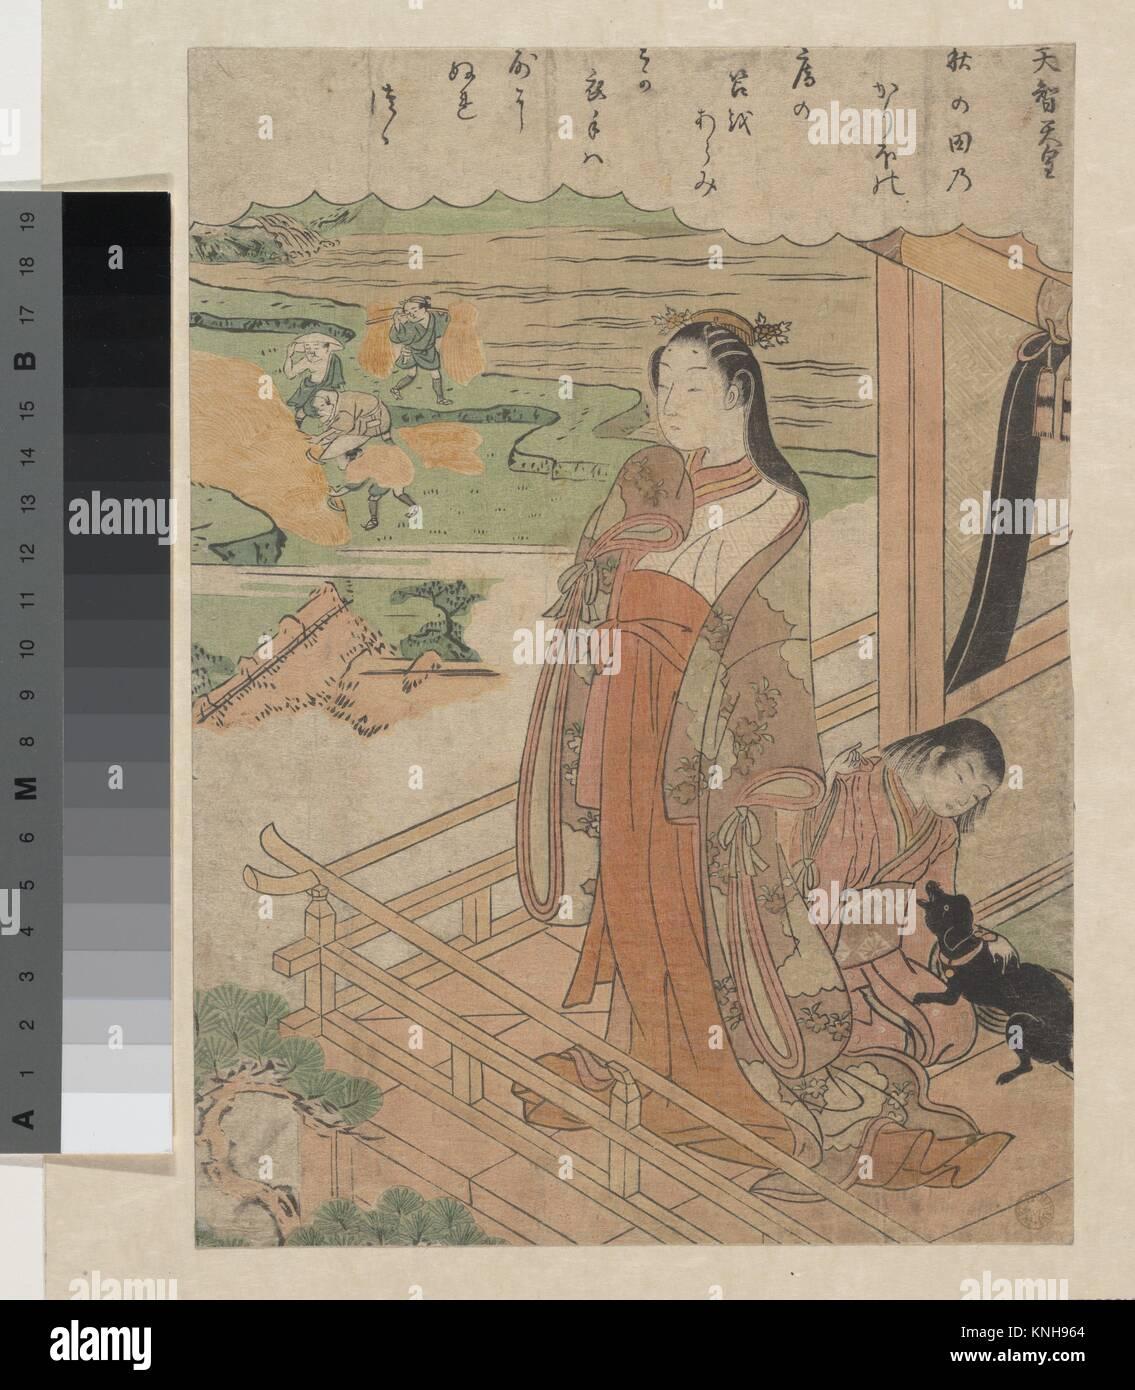 百人一é¦- 天智天皇/Sympathy. - Stock Image